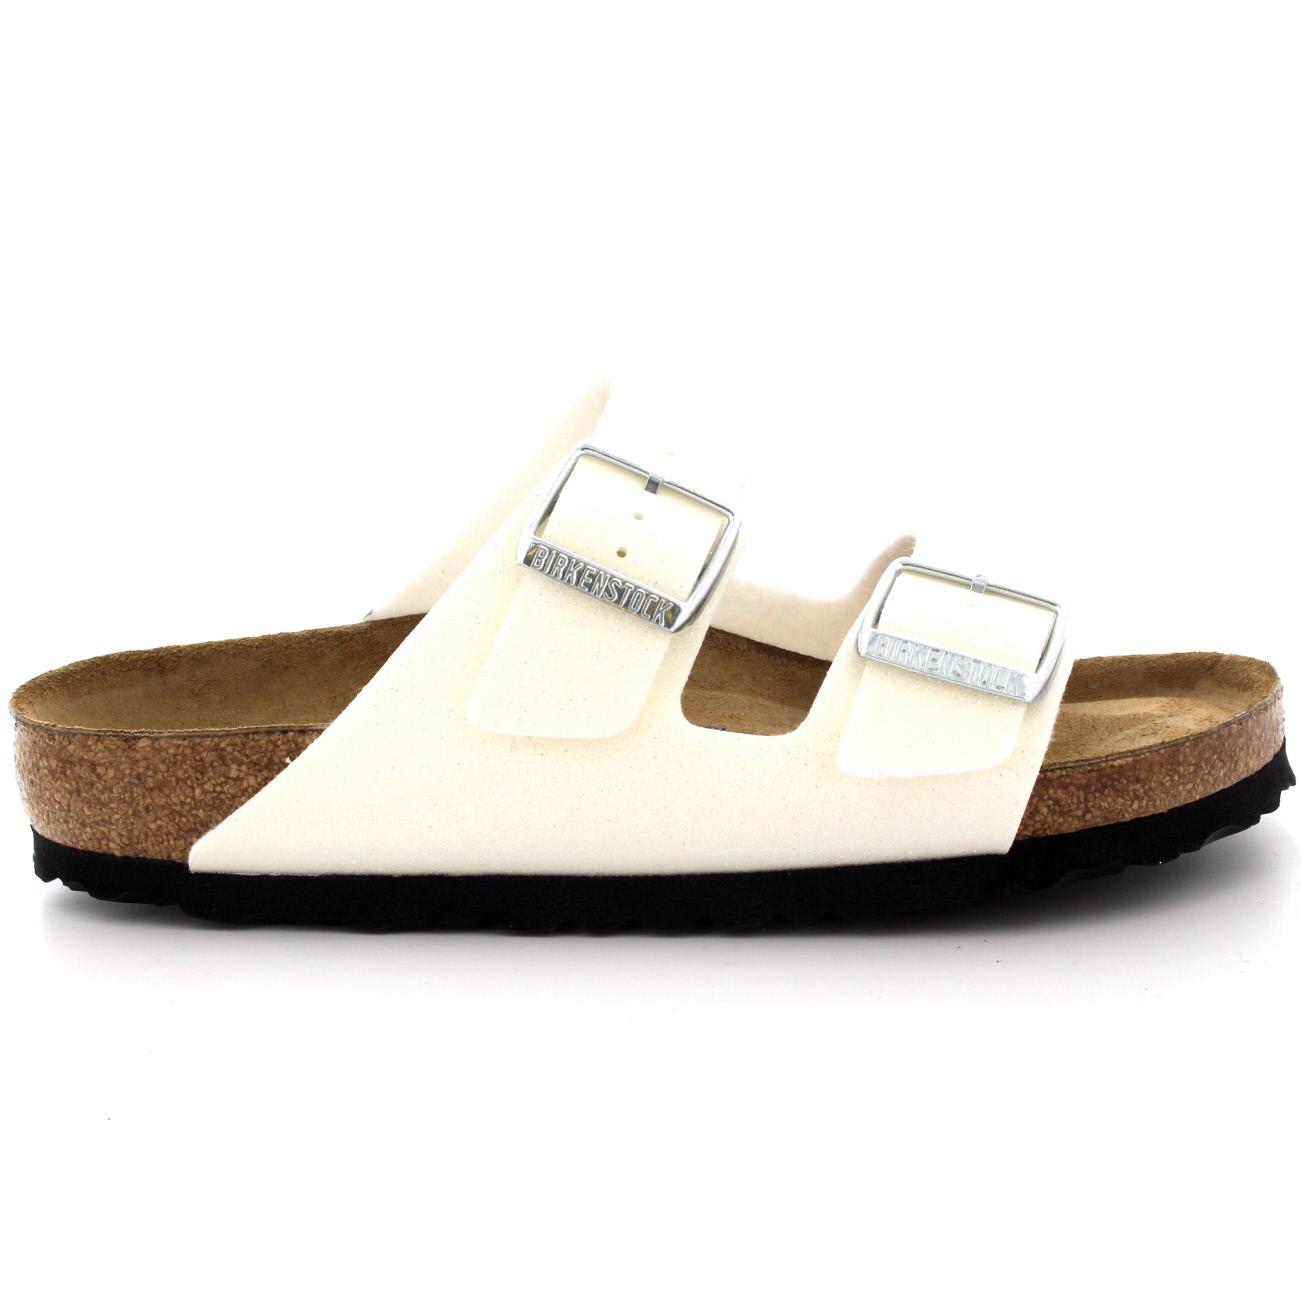 Womens Arizona SFB Open Toe Sandals Birkenstock xvVt3xT